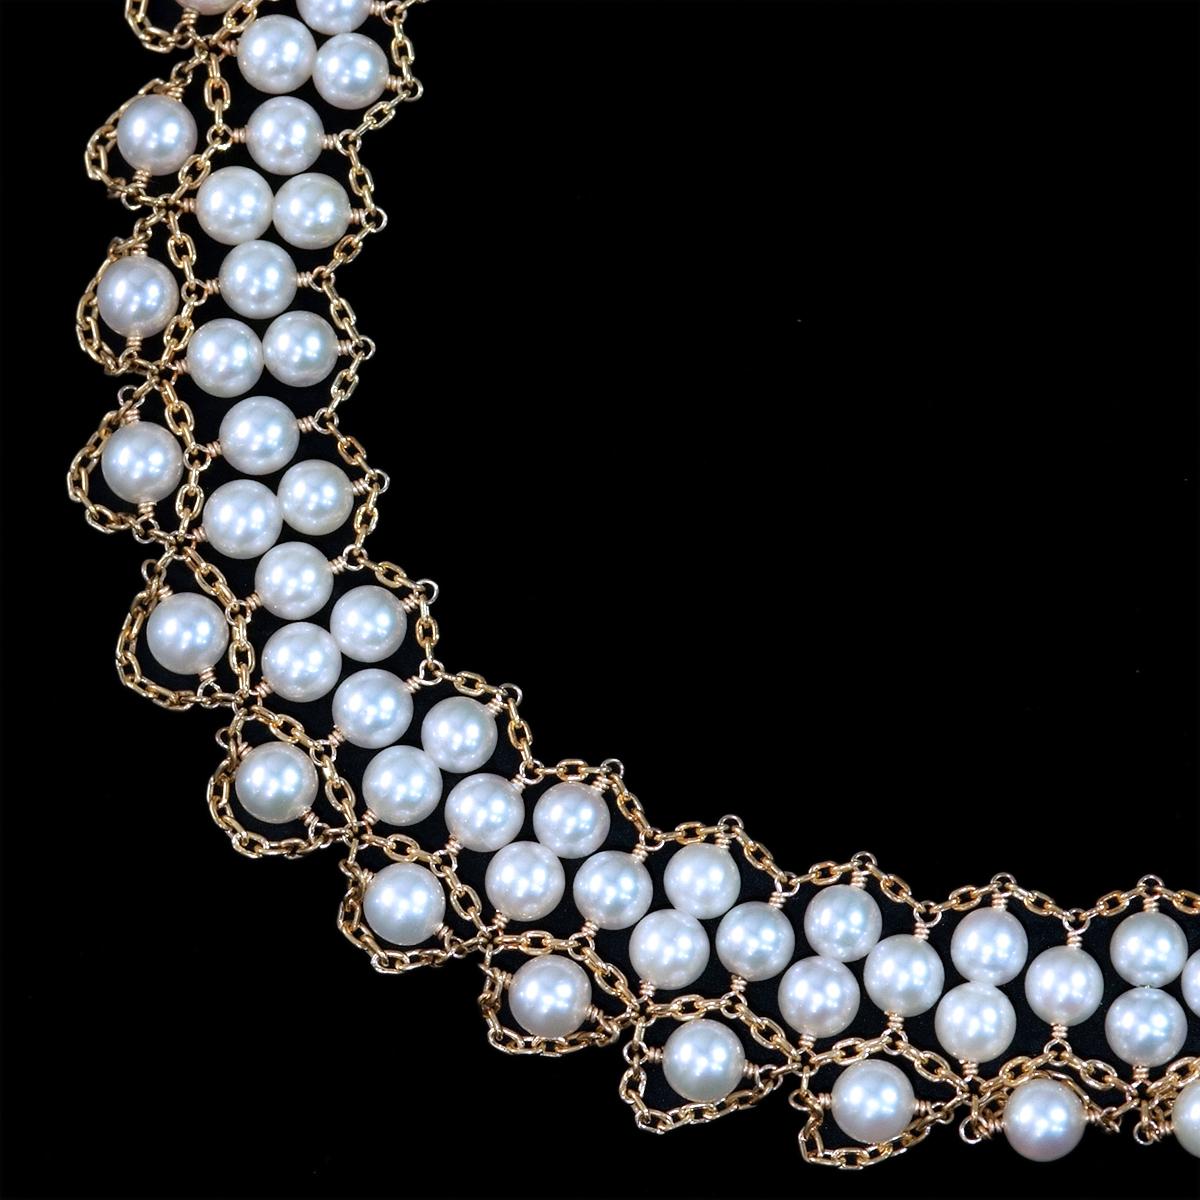 F0420 アコヤ真珠ベビーパール4.5~4.0mm 最高級18金無垢ネックレス 長さ40.5cm 重量35.5g 縦幅19.0mm_画像1